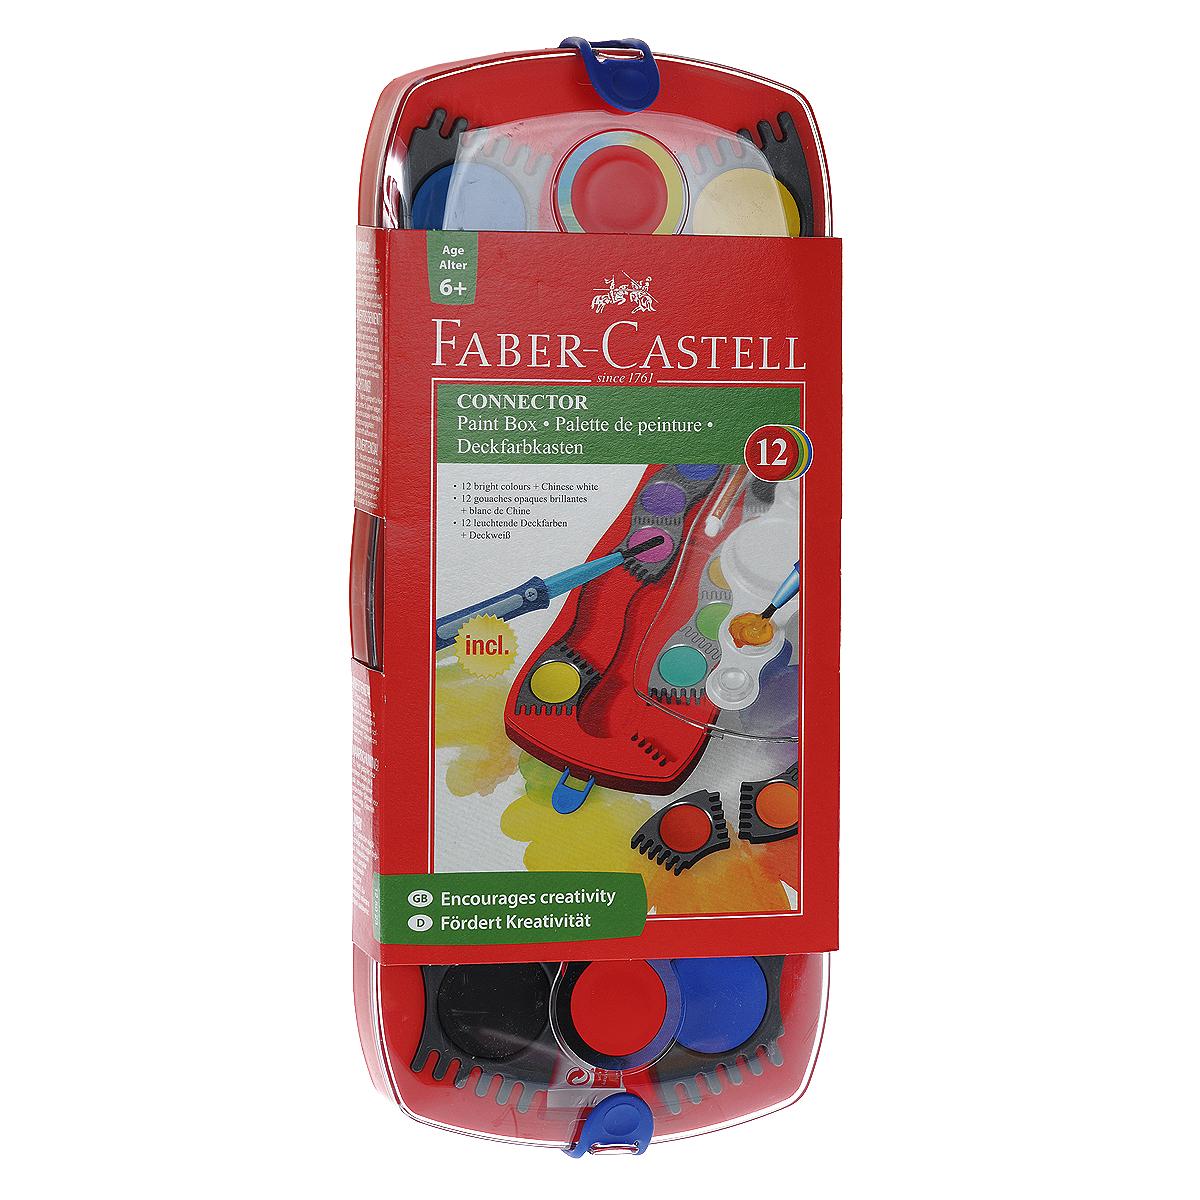 Акварельные краски Faber-Castell Connector, 12 шт125023Акварельные краски Faber-Castell Connector идеально подойдут как для детского художественного творчества, так и для изобразительных и оформительских работ. Краски легко размываются, создавая прозрачный цветной слой, отлично смешиваются между собой, не крошатся и не смазываются, быстро сохнут. В наборе 12 красок ярких, насыщенных цветов, а также тюбик с белой краской и кисть. Каждый цвет представлен в основе круглой формы, располагающейся в отдельной ячейке, которую можно перемещать либо комбинировать с нужными красками, что делает процесс рисования легким и удобным. Коробка представляет собой поддон для ячеек с красками с отсеком для кисти и белой краски, а крышка - палитру. Отличный подарок для любителя рисовать акварелью! Рекомендуемый возраст: от 6 лет.